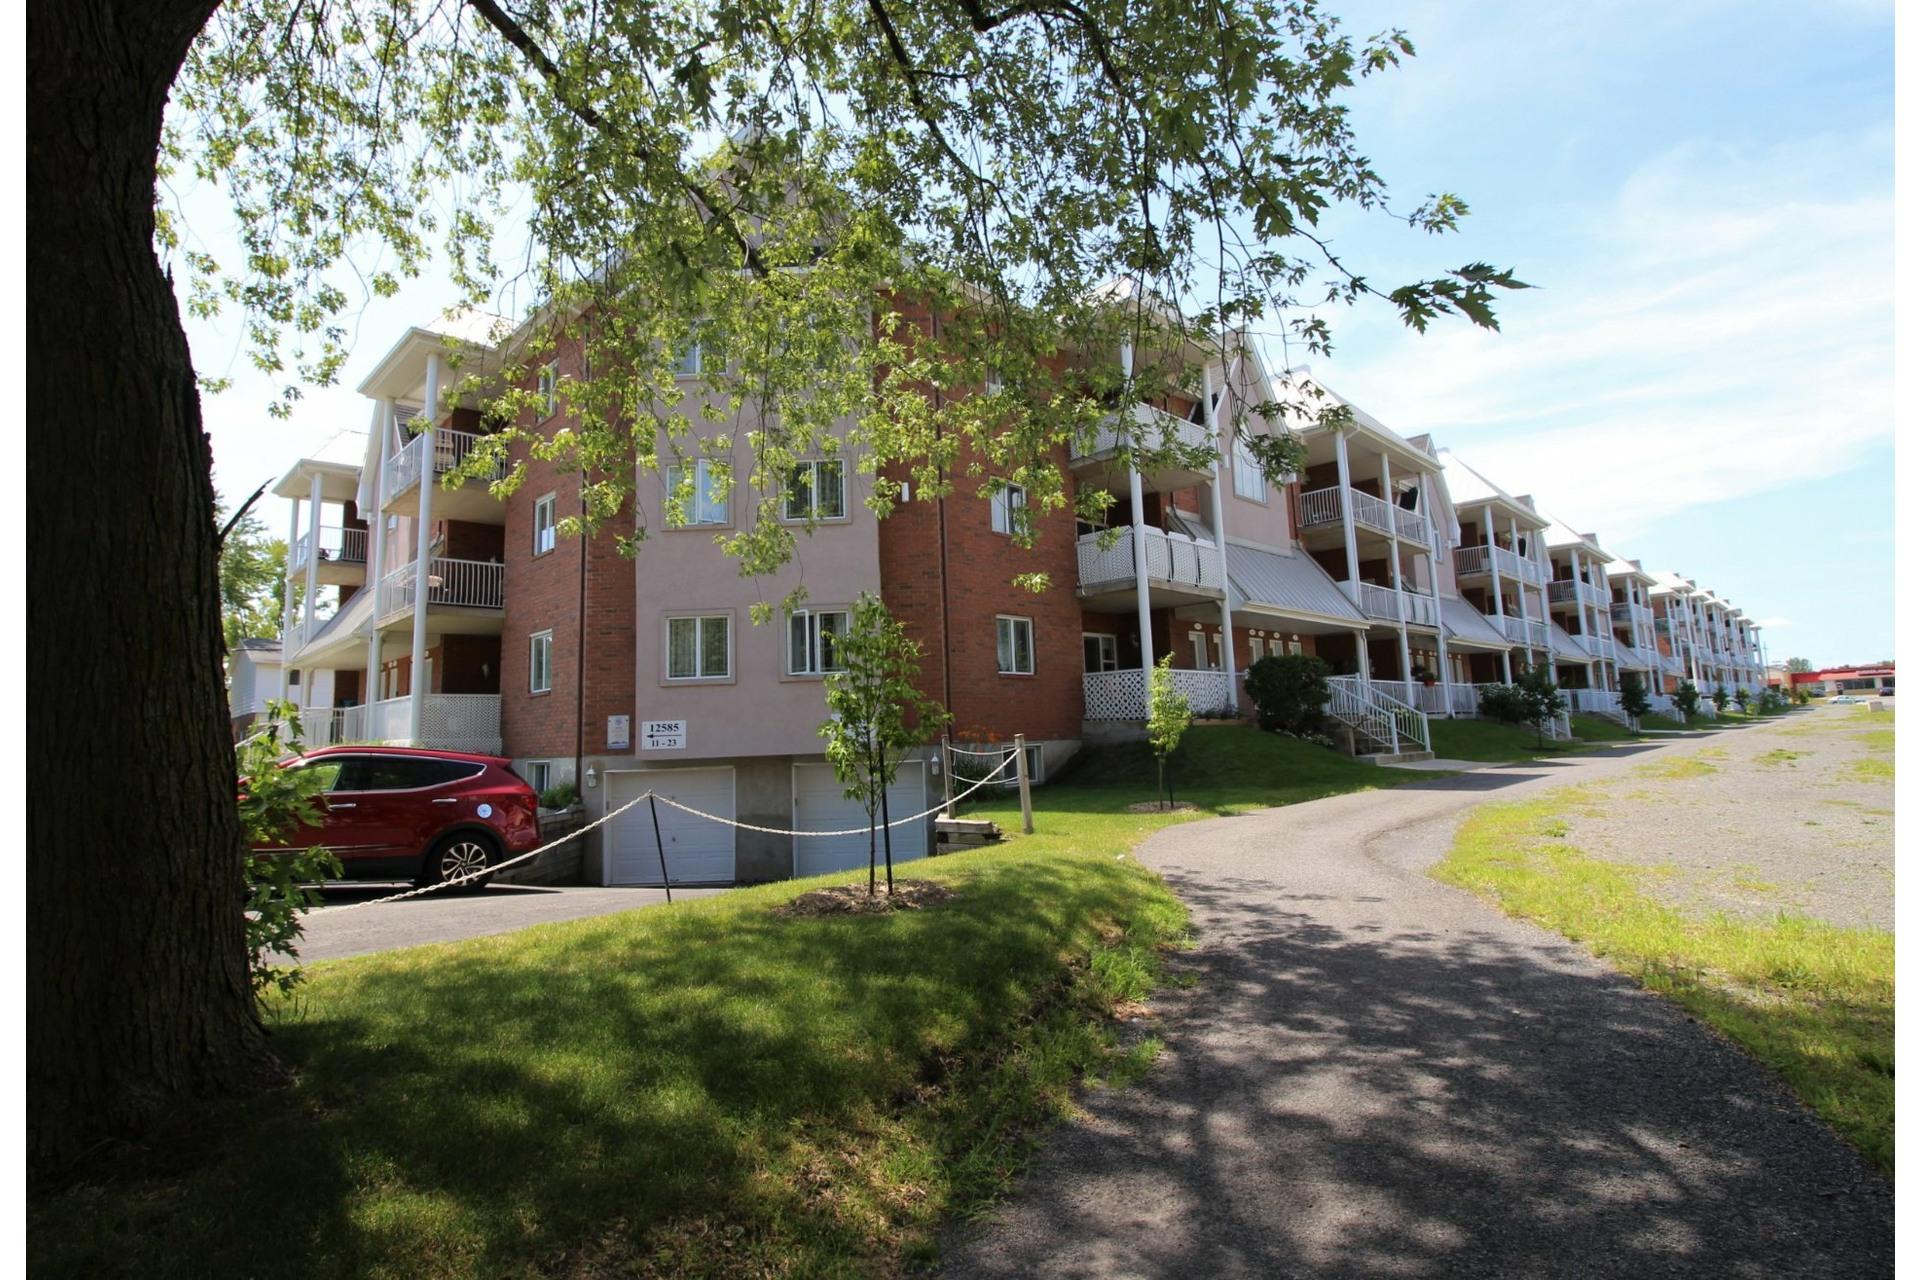 image 23 - Appartement À vendre Rivière-des-Prairies/Pointe-aux-Trembles Montréal  - 6 pièces